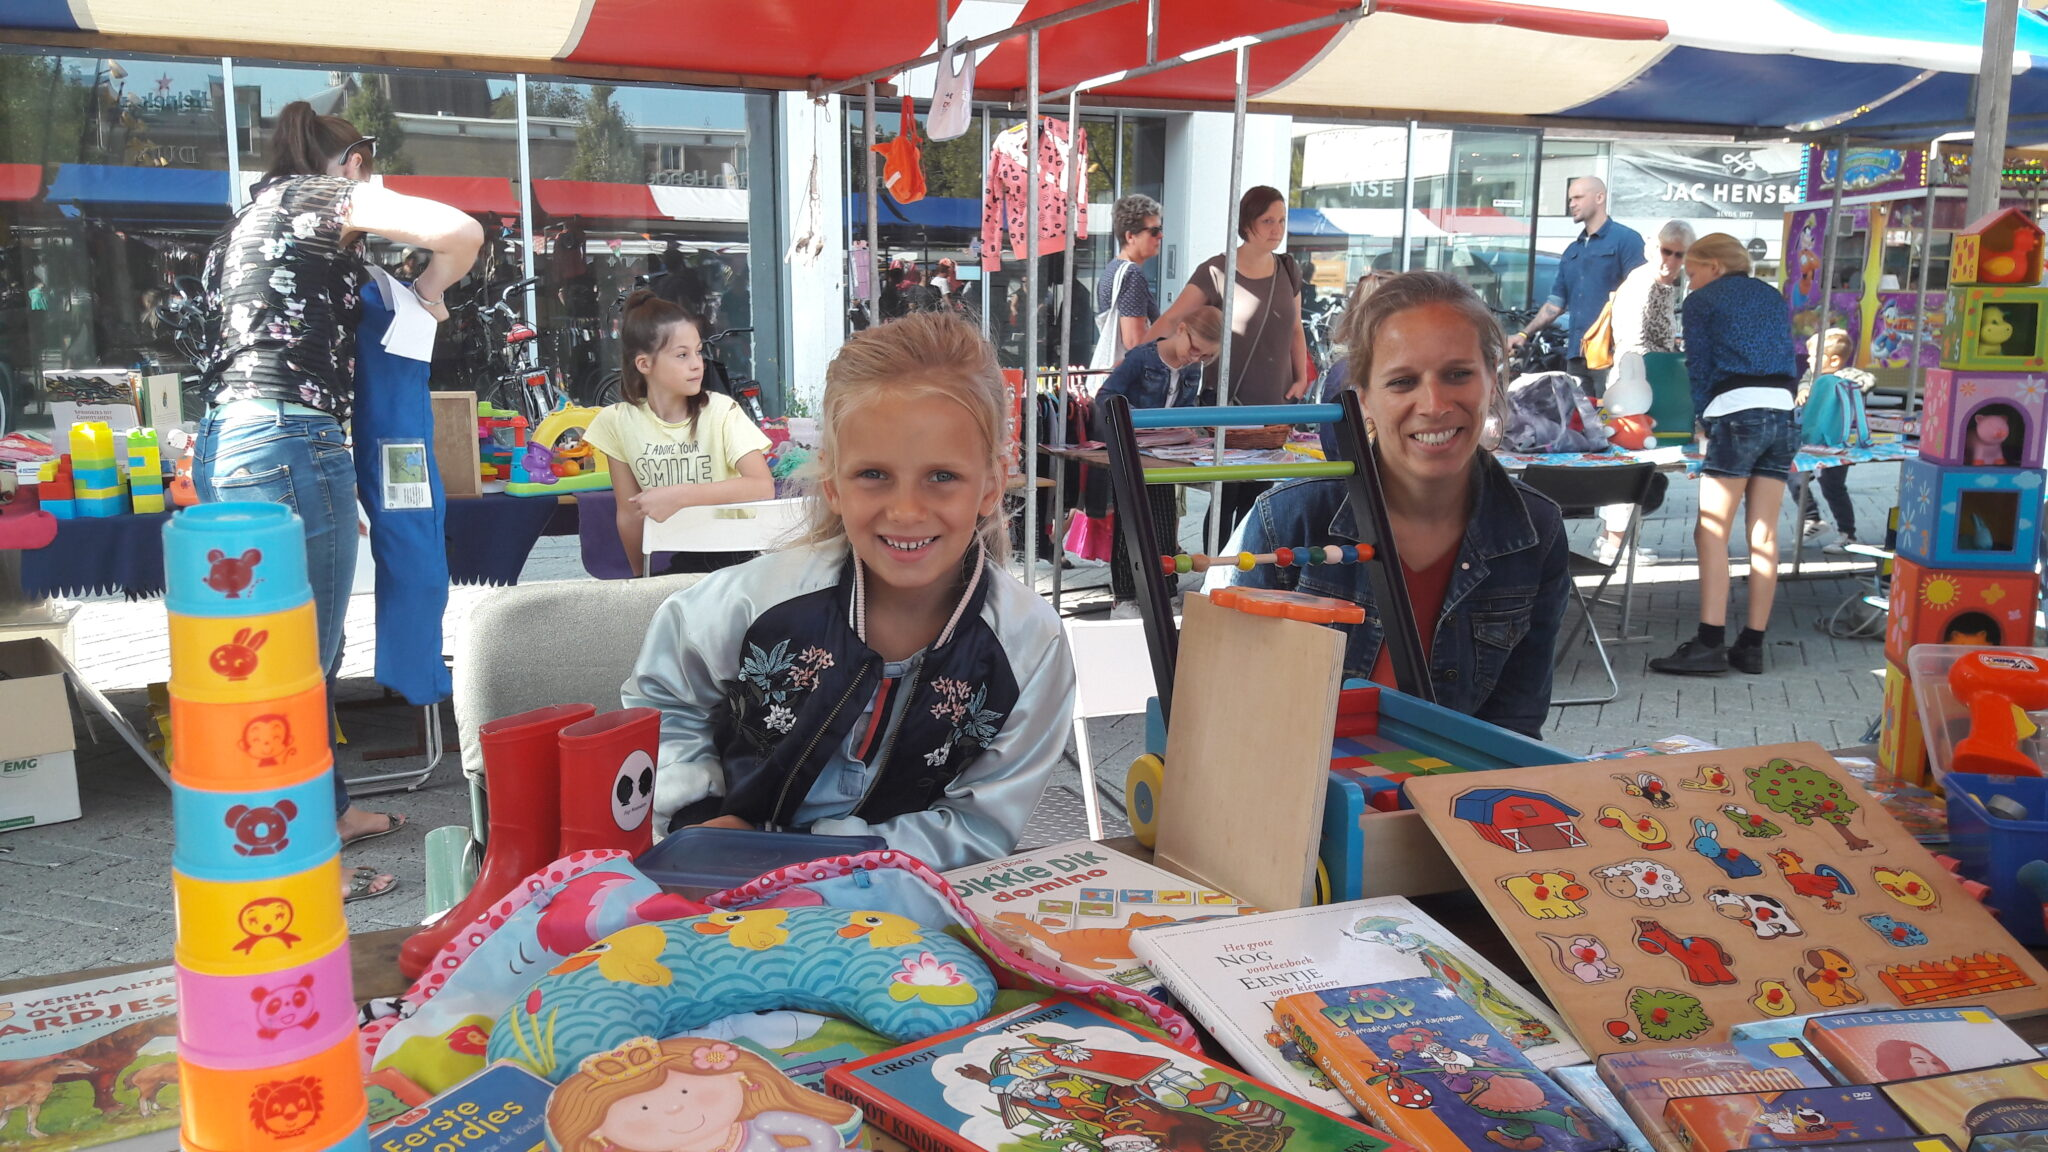 kidswarenmarkt